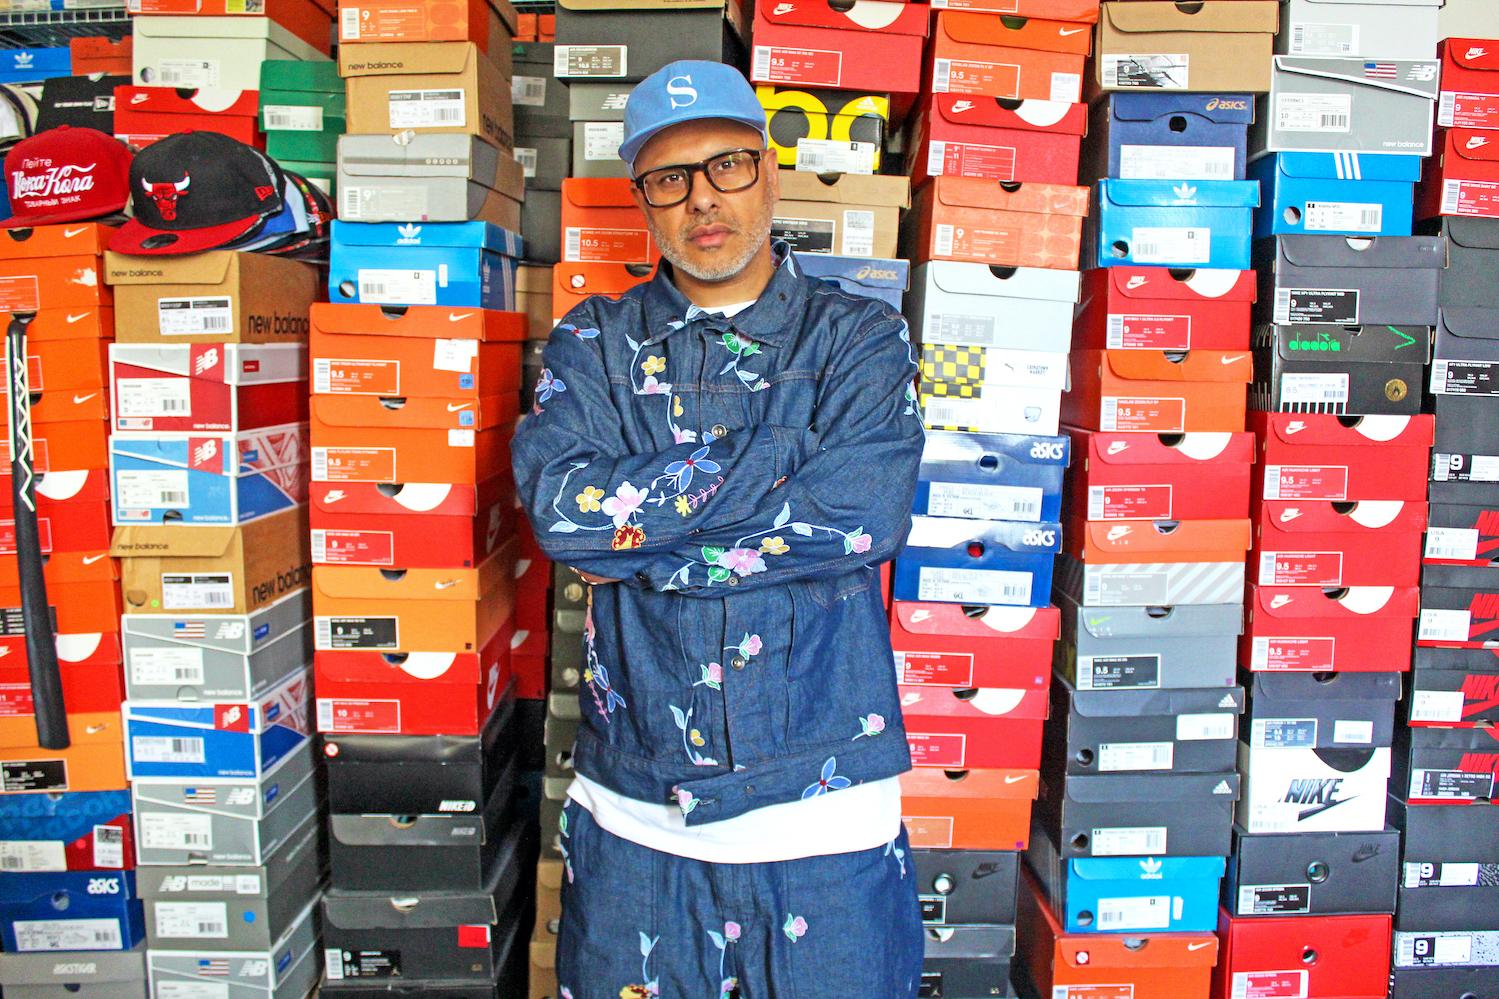 SHOUT OUT SUNDAY| 'Sneaker Connoisseur' Kish Kash